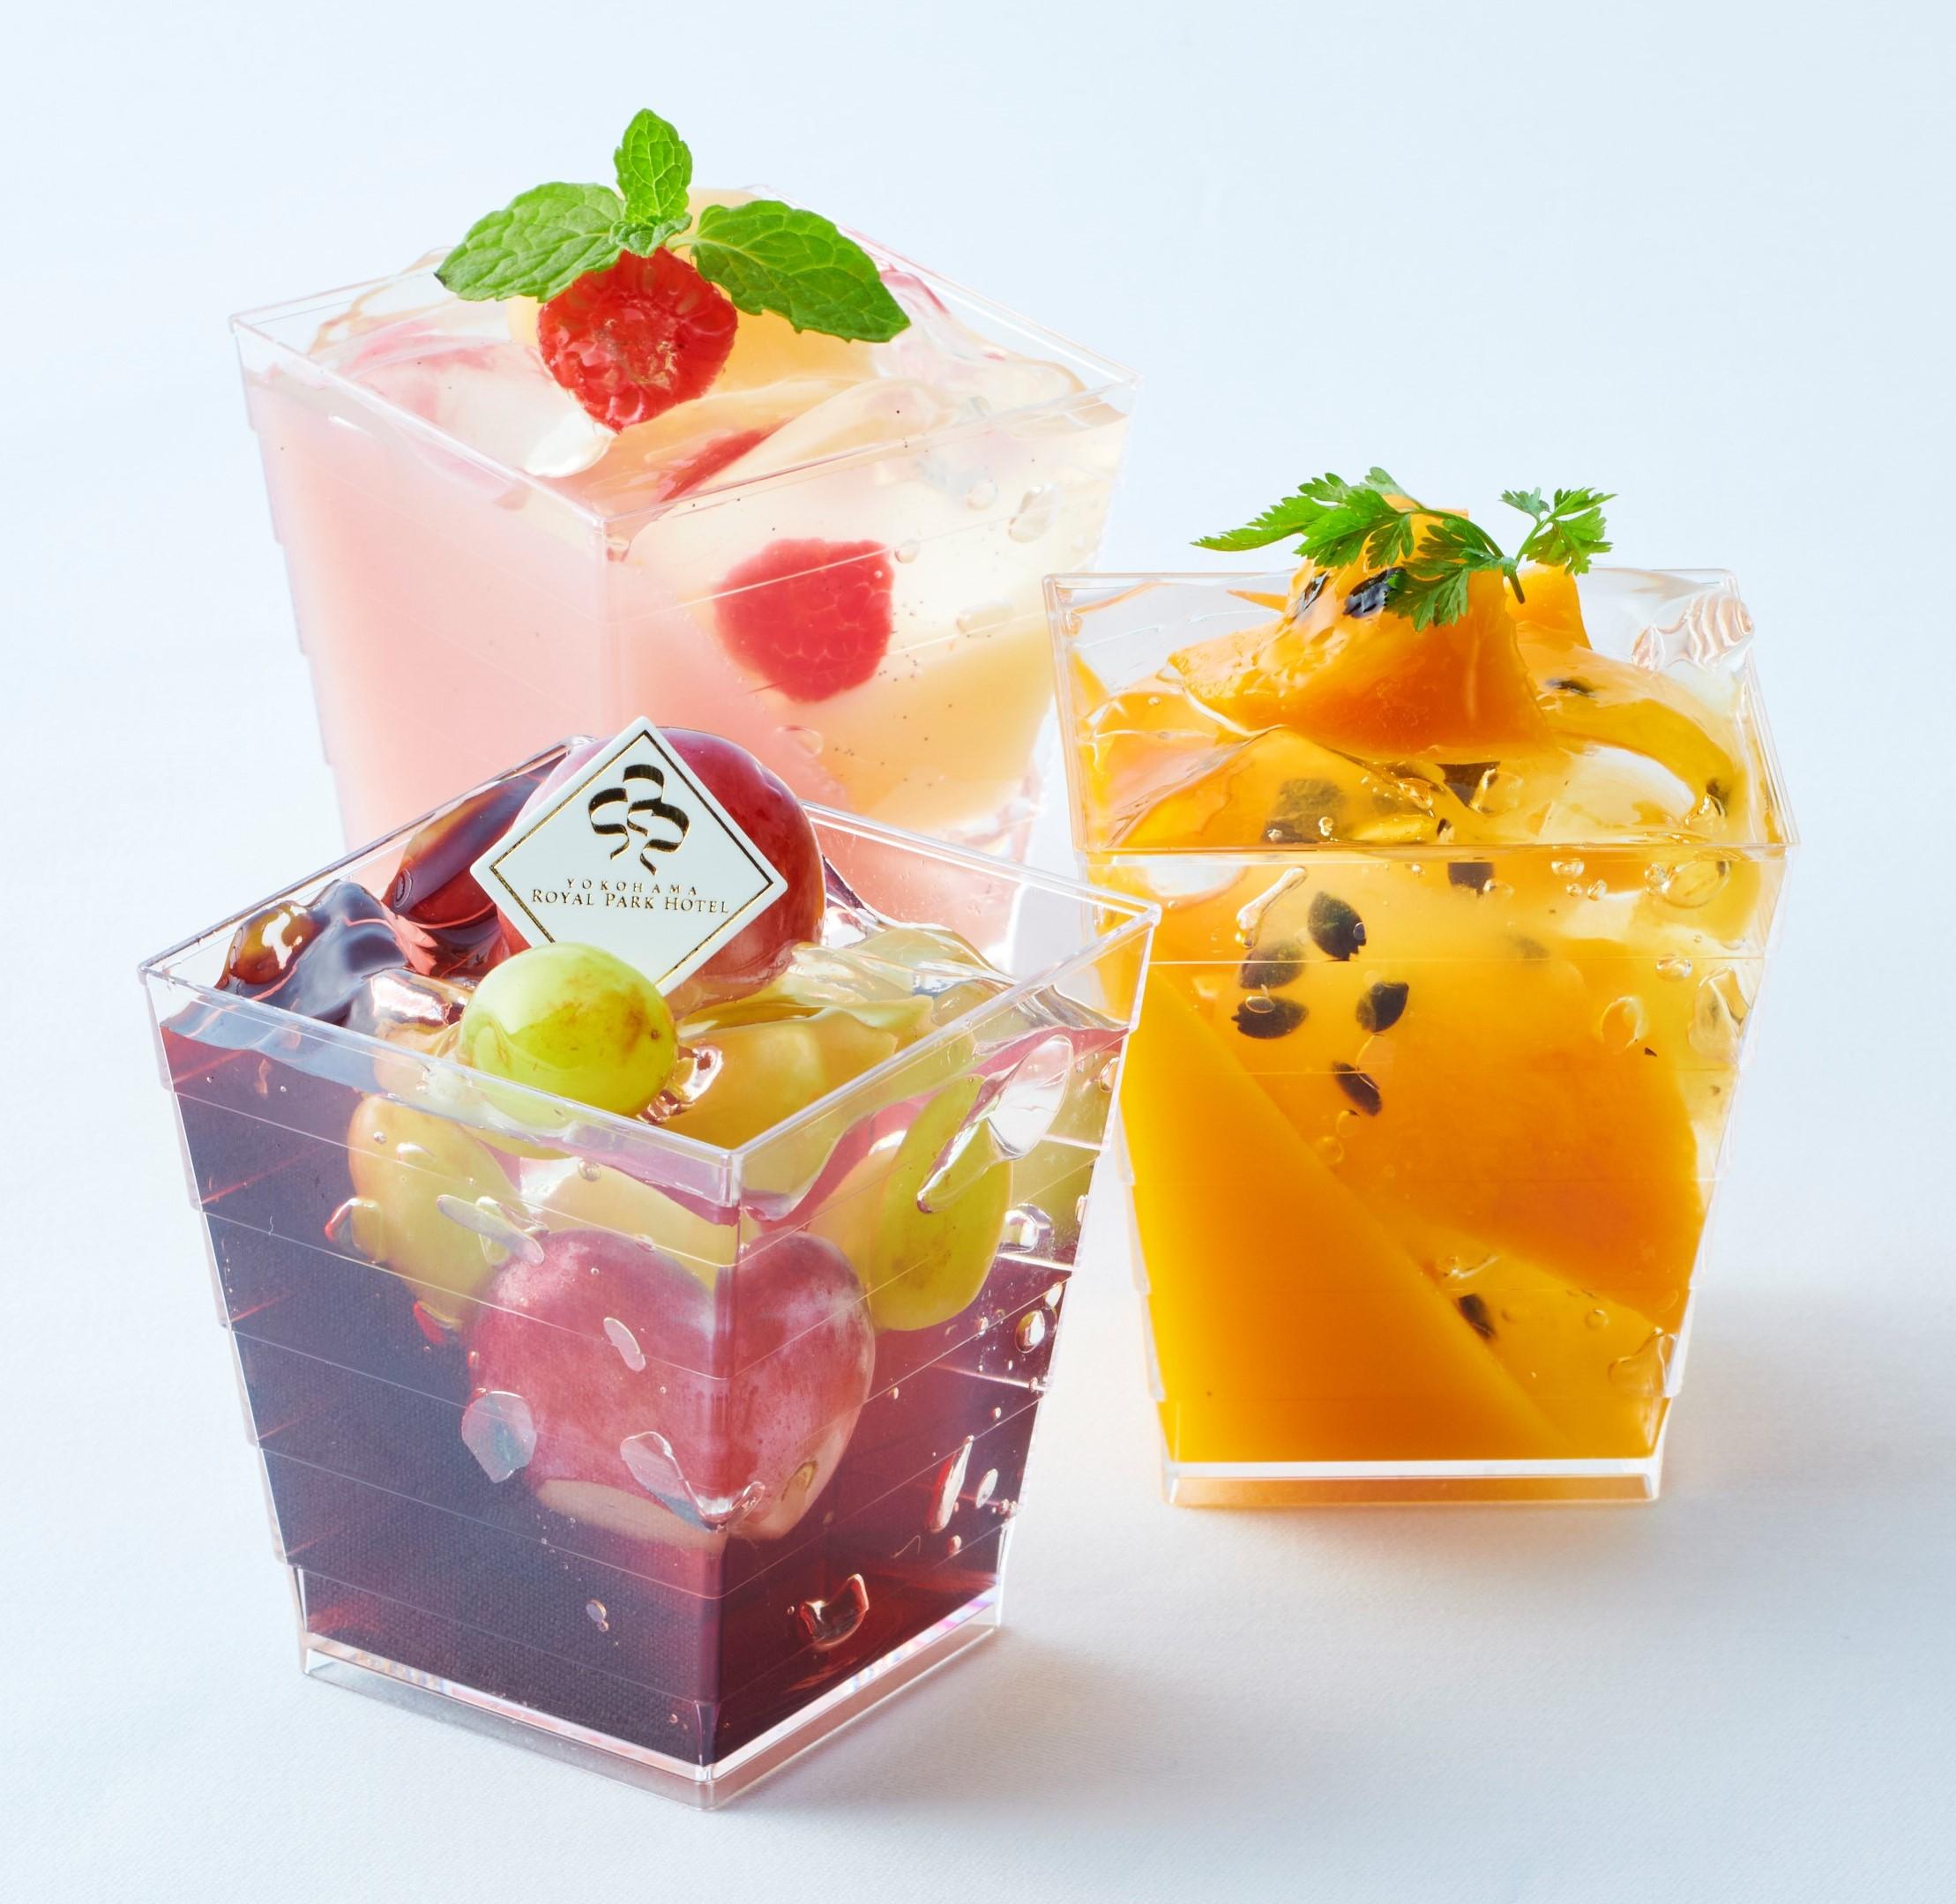 横浜ロイヤルパークホテルで新鮮果実の「サマースイーツフェア」開催中